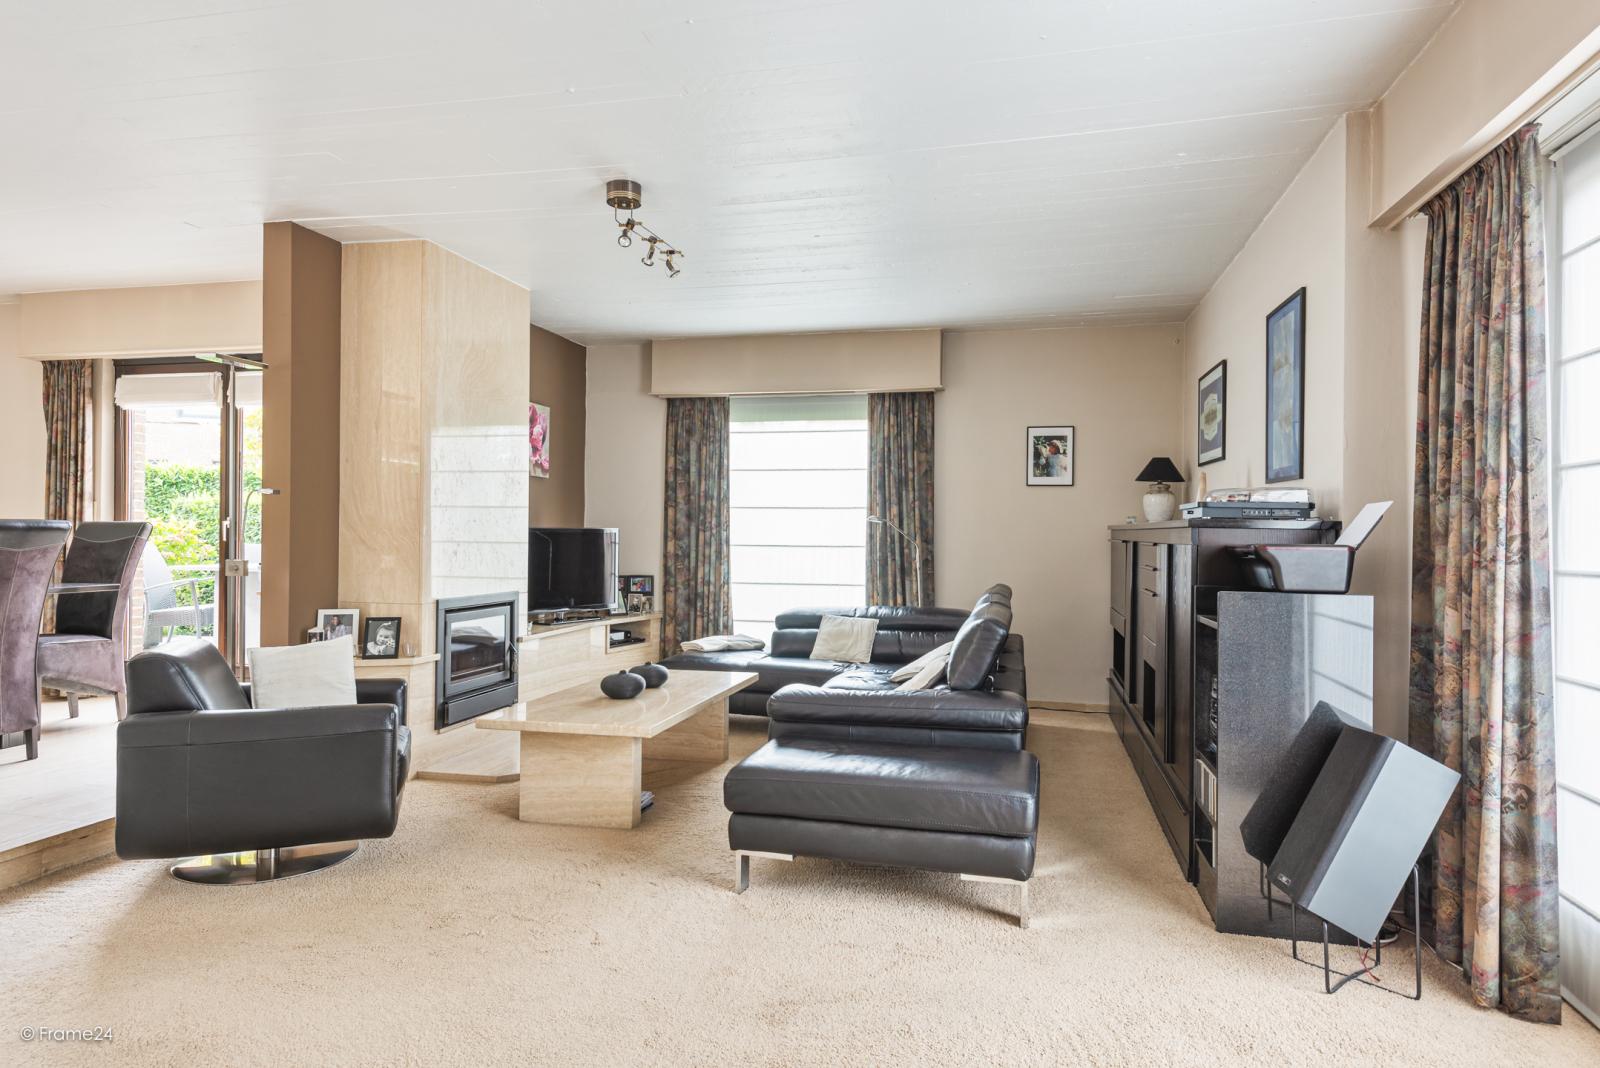 Zeer verzorgde halfopen woning met 4 slaapkamers en gelegen op een hoekperceel van 457 m²! afbeelding 4